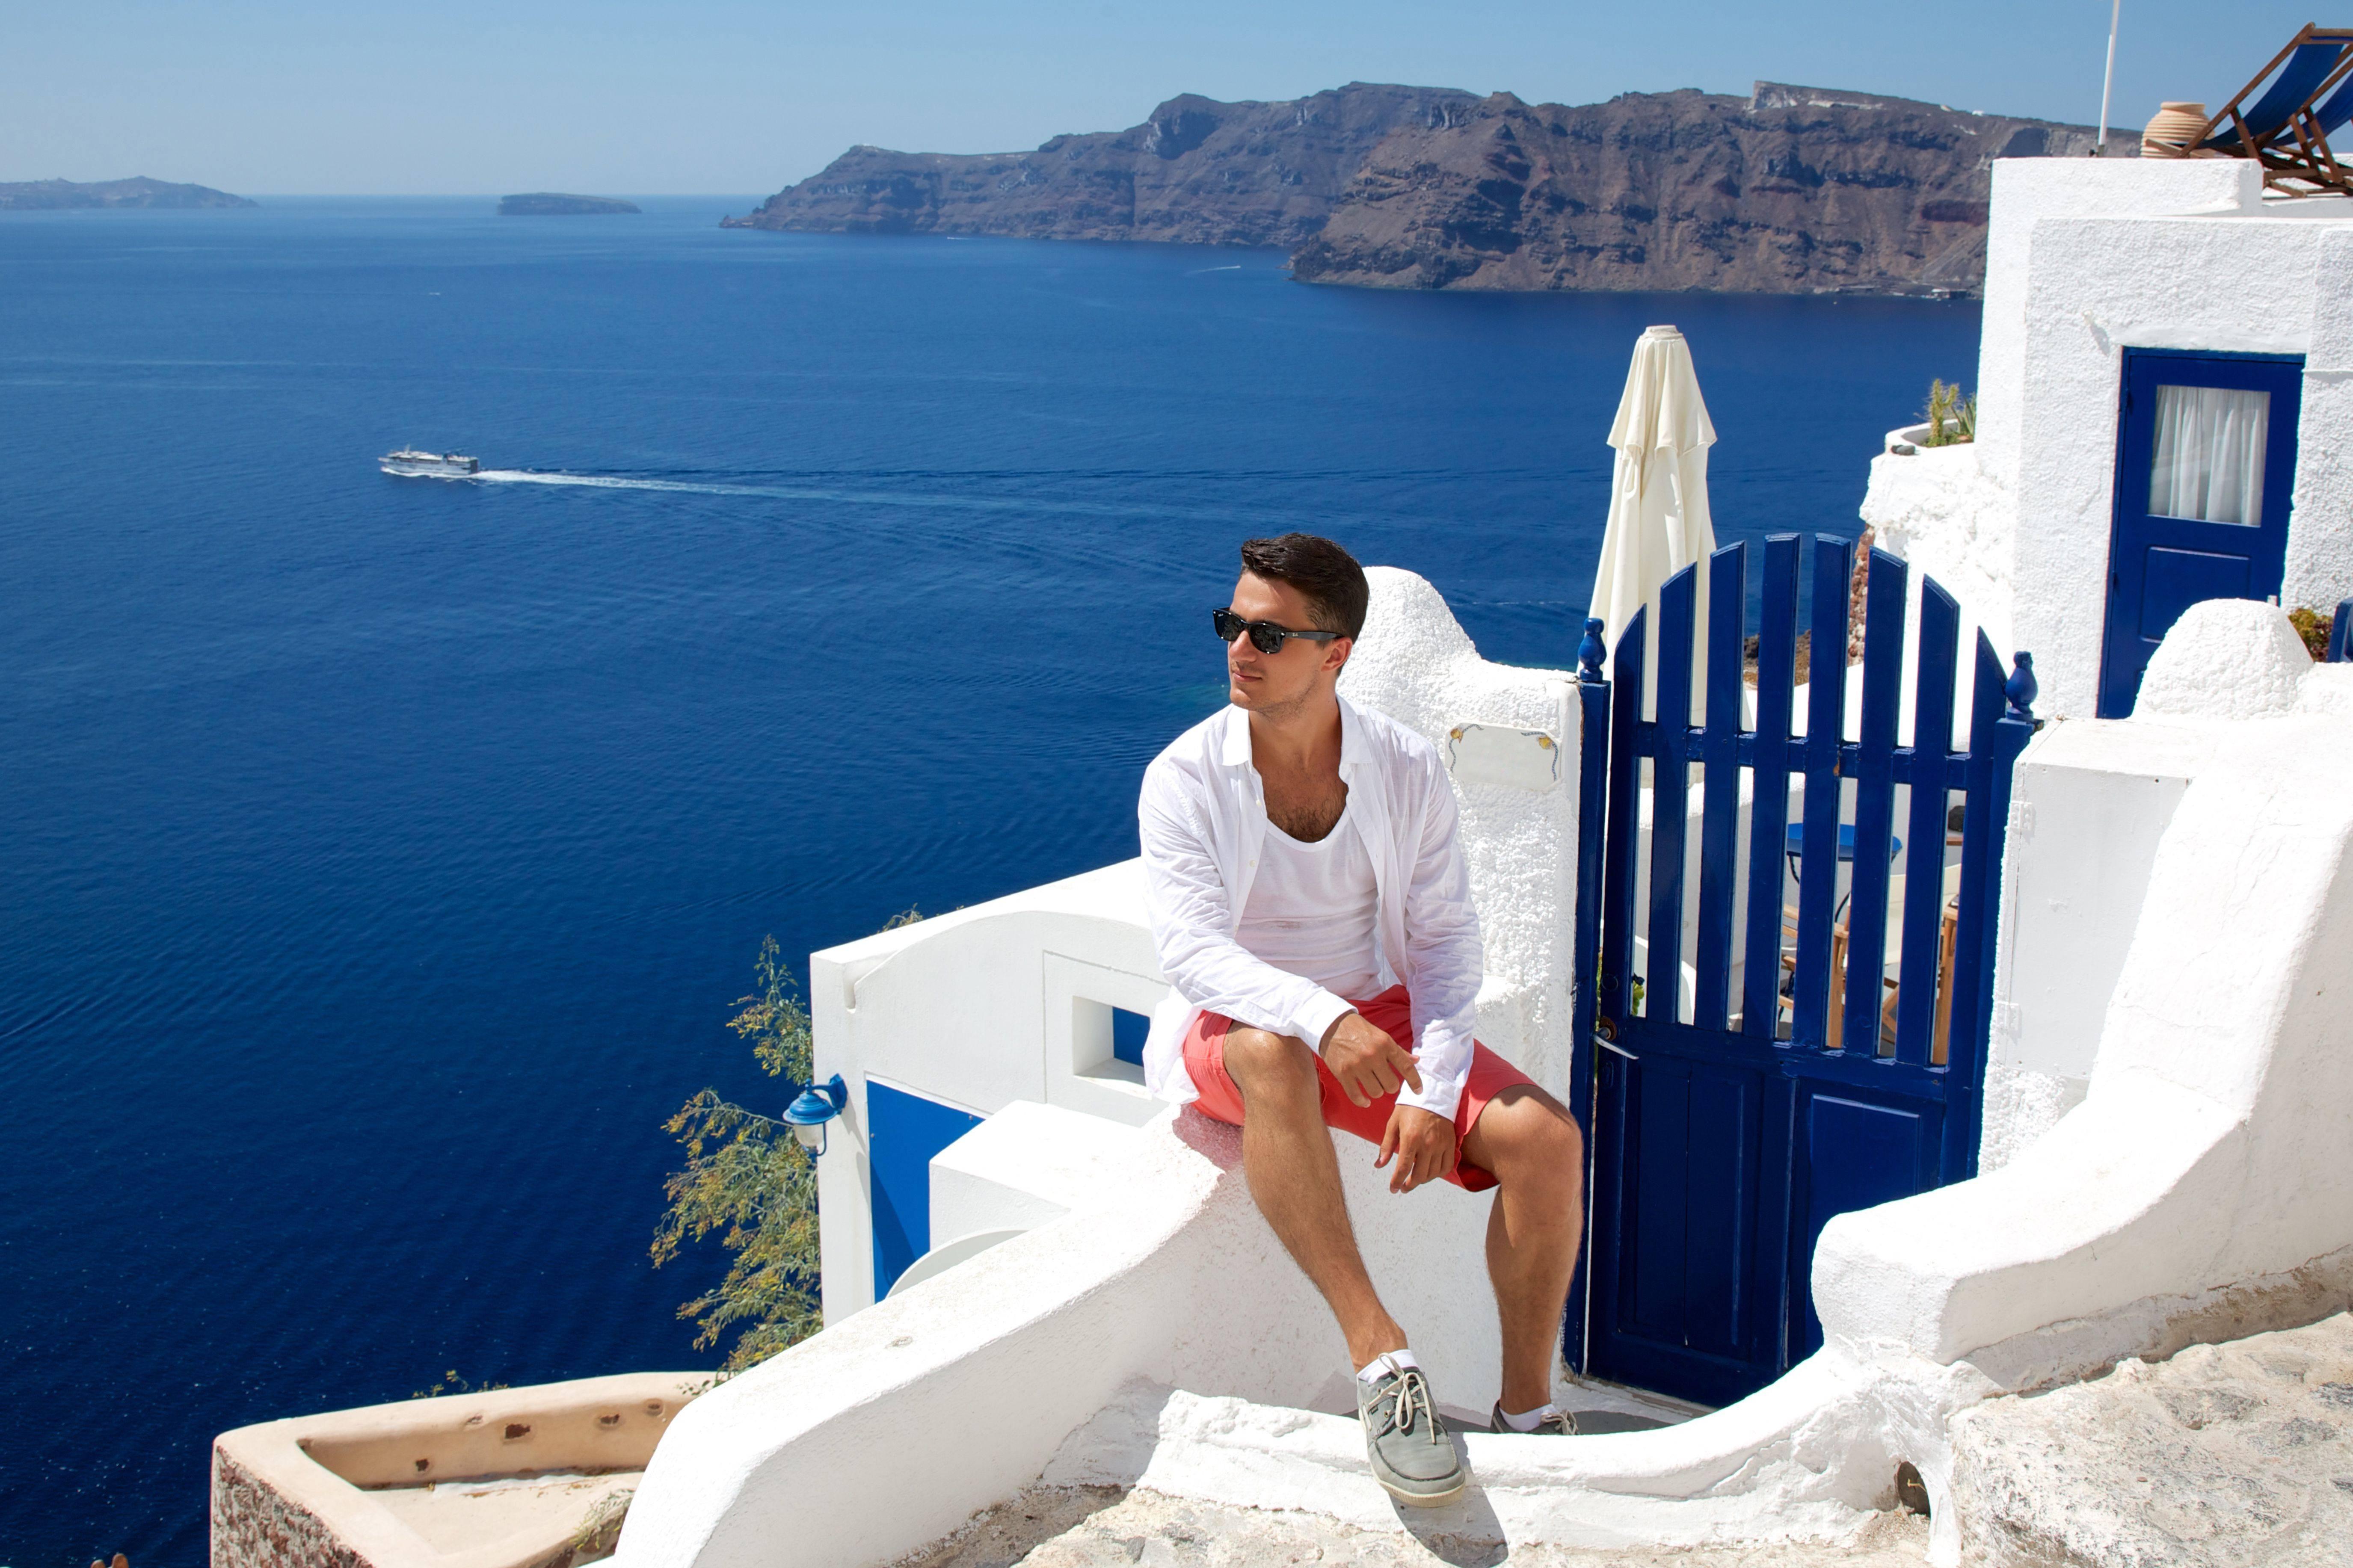 Недвижимость в греции: почему выгодно делать покупку именно сейчас?